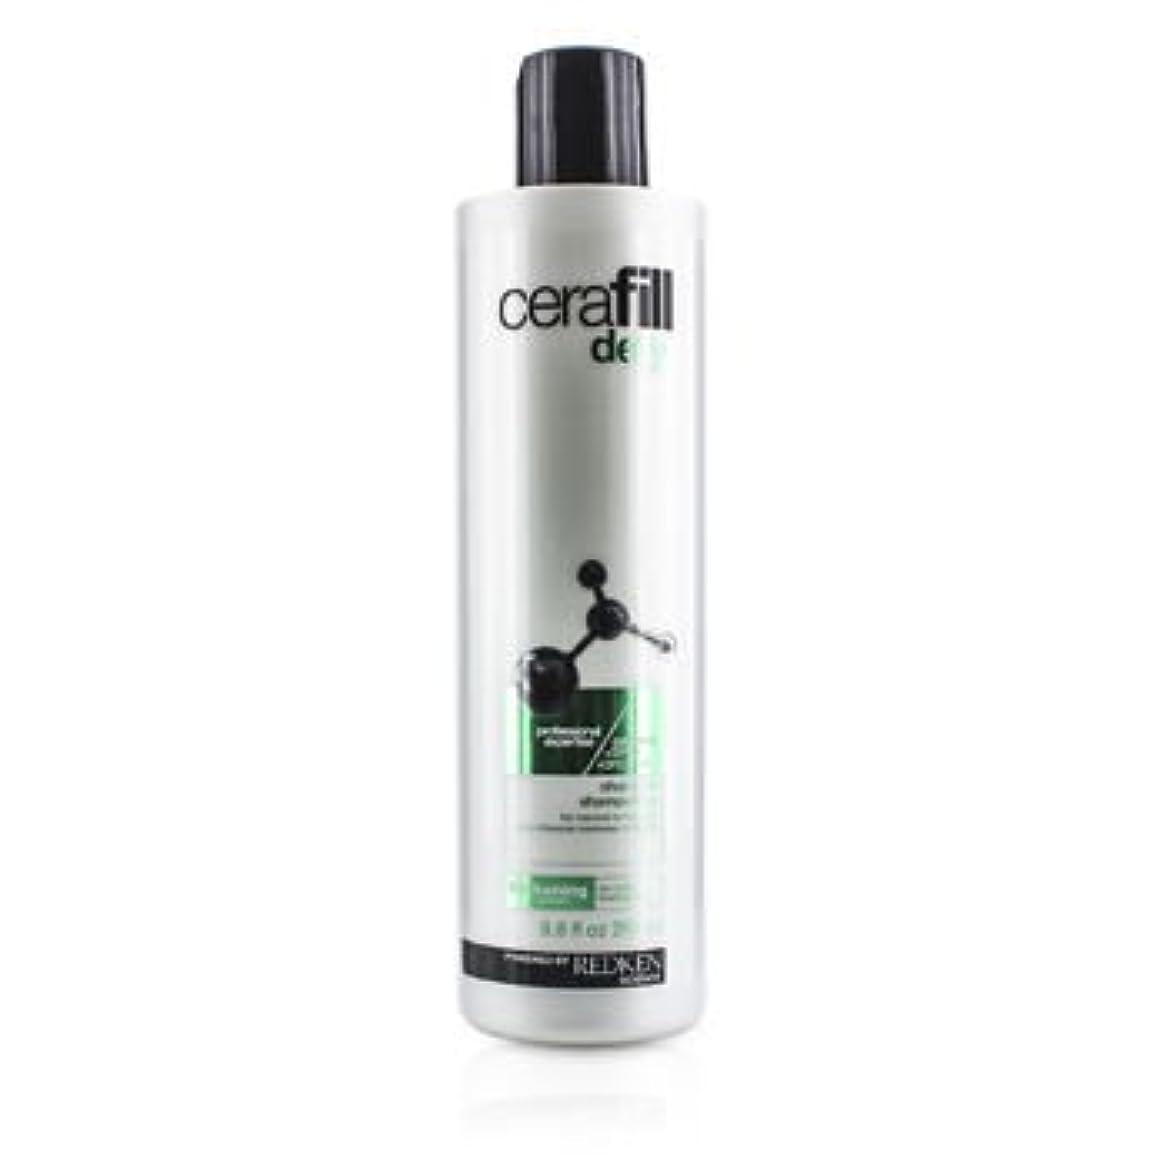 おばあさん六月持っている[Redken] Cerafill Defy Thickening Shampoo (For Normal to Thin Hair) 290ml/9.8oz